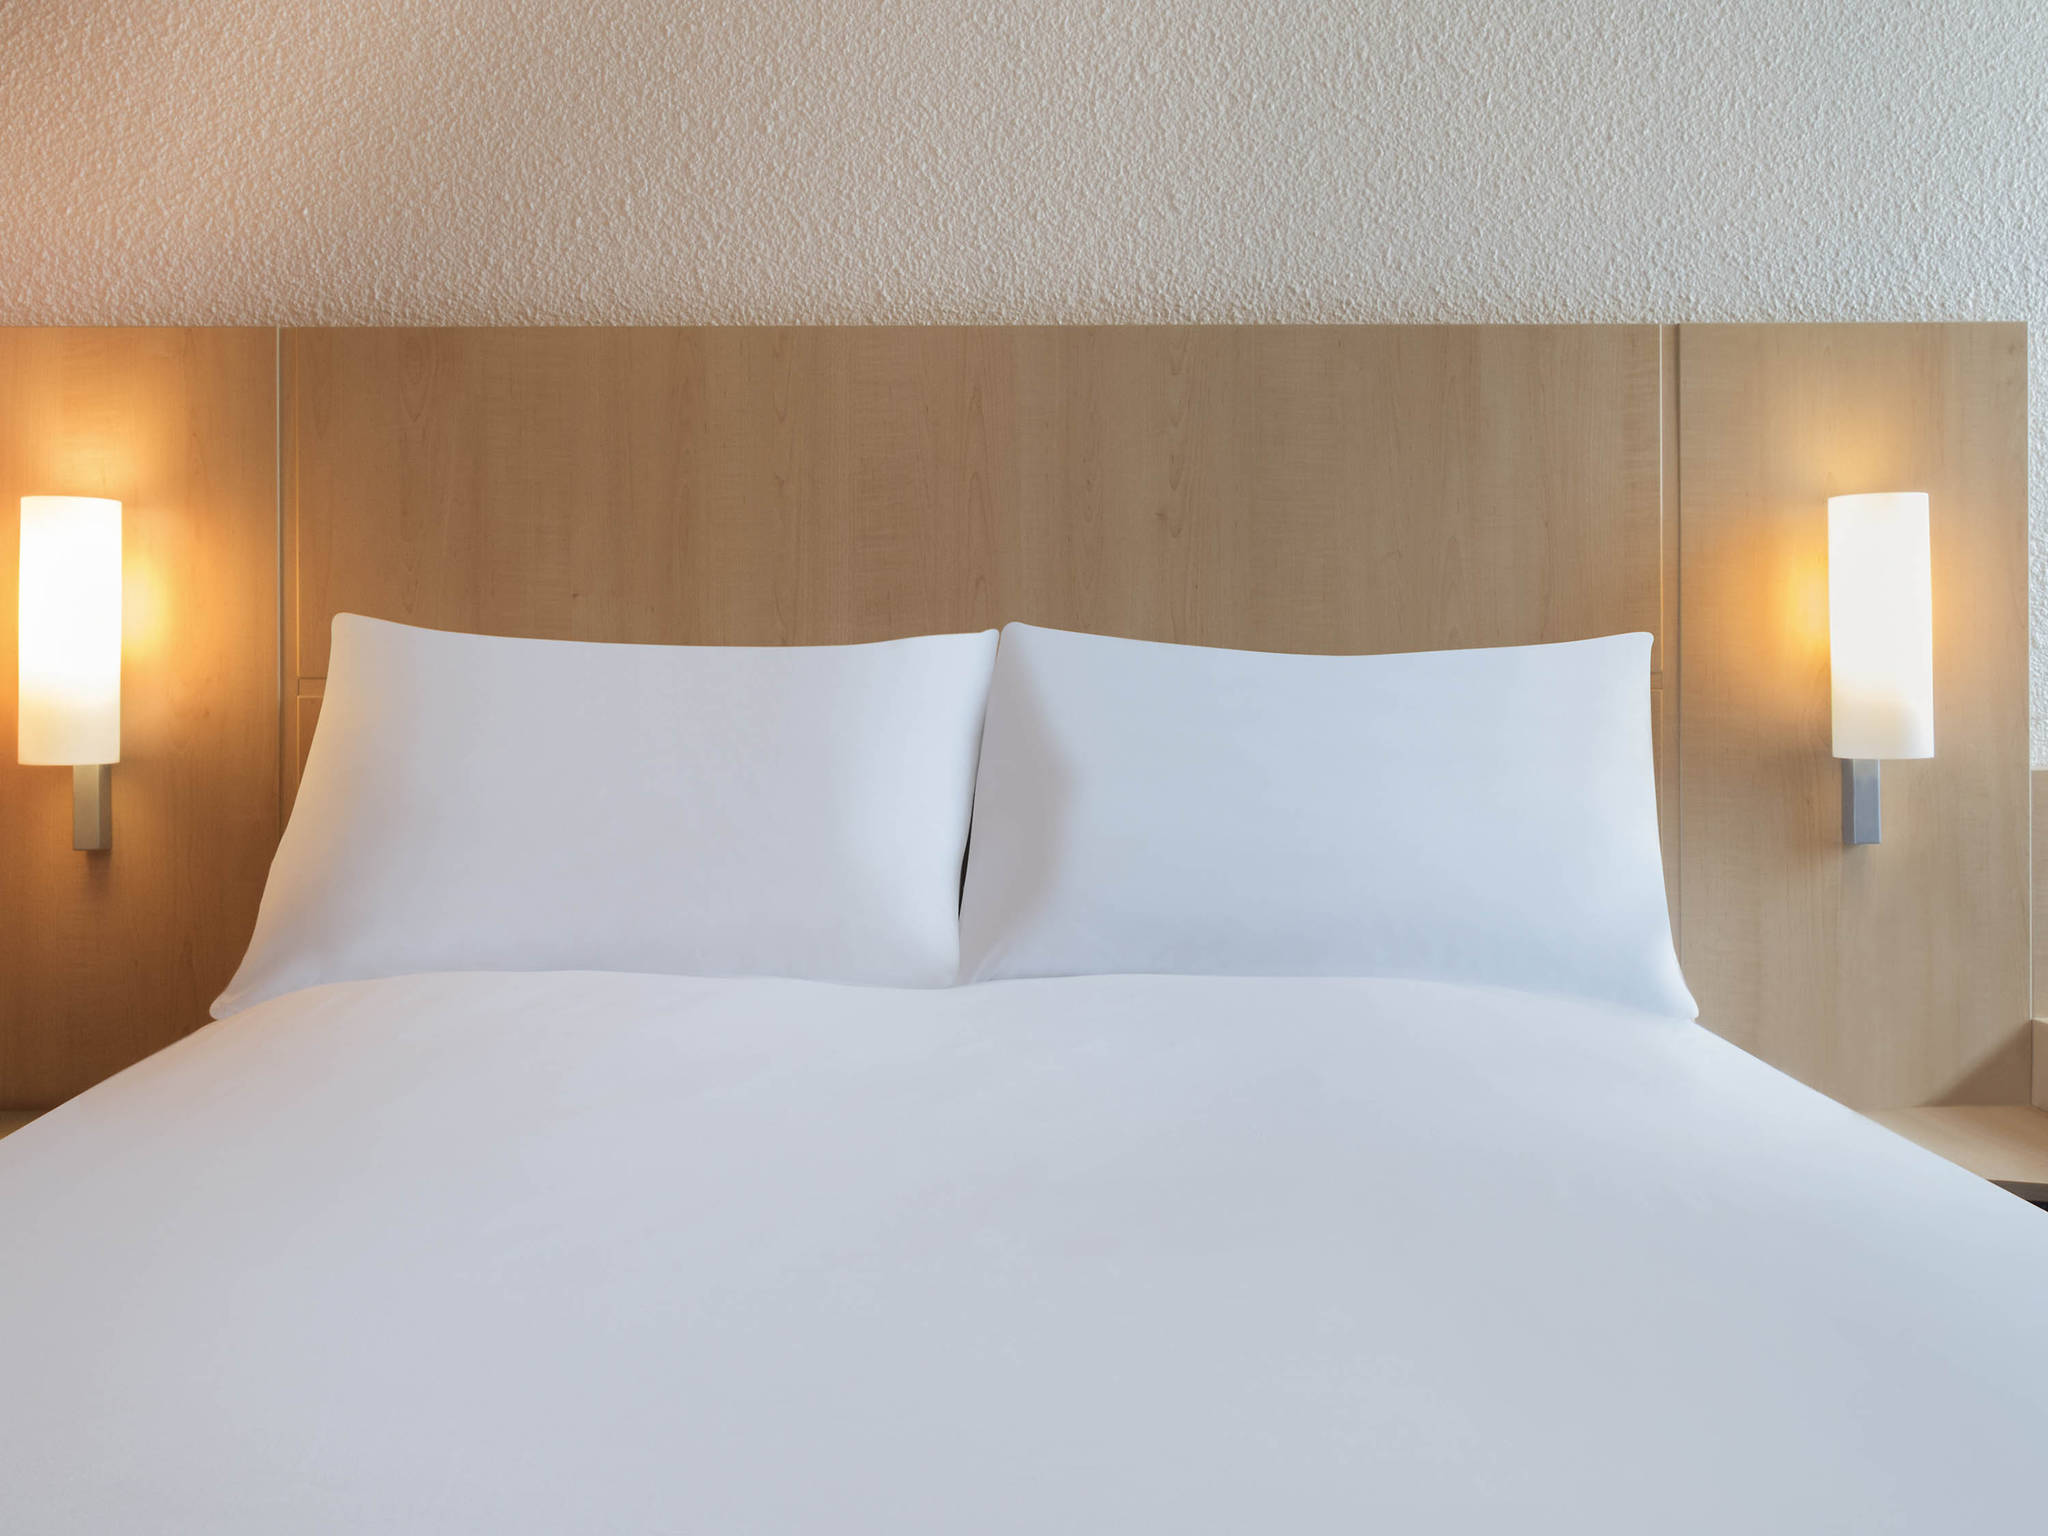 Hotel in nantes ibis nantes centre gare south rooms ibis nantes centre gare south solutioingenieria Choice Image